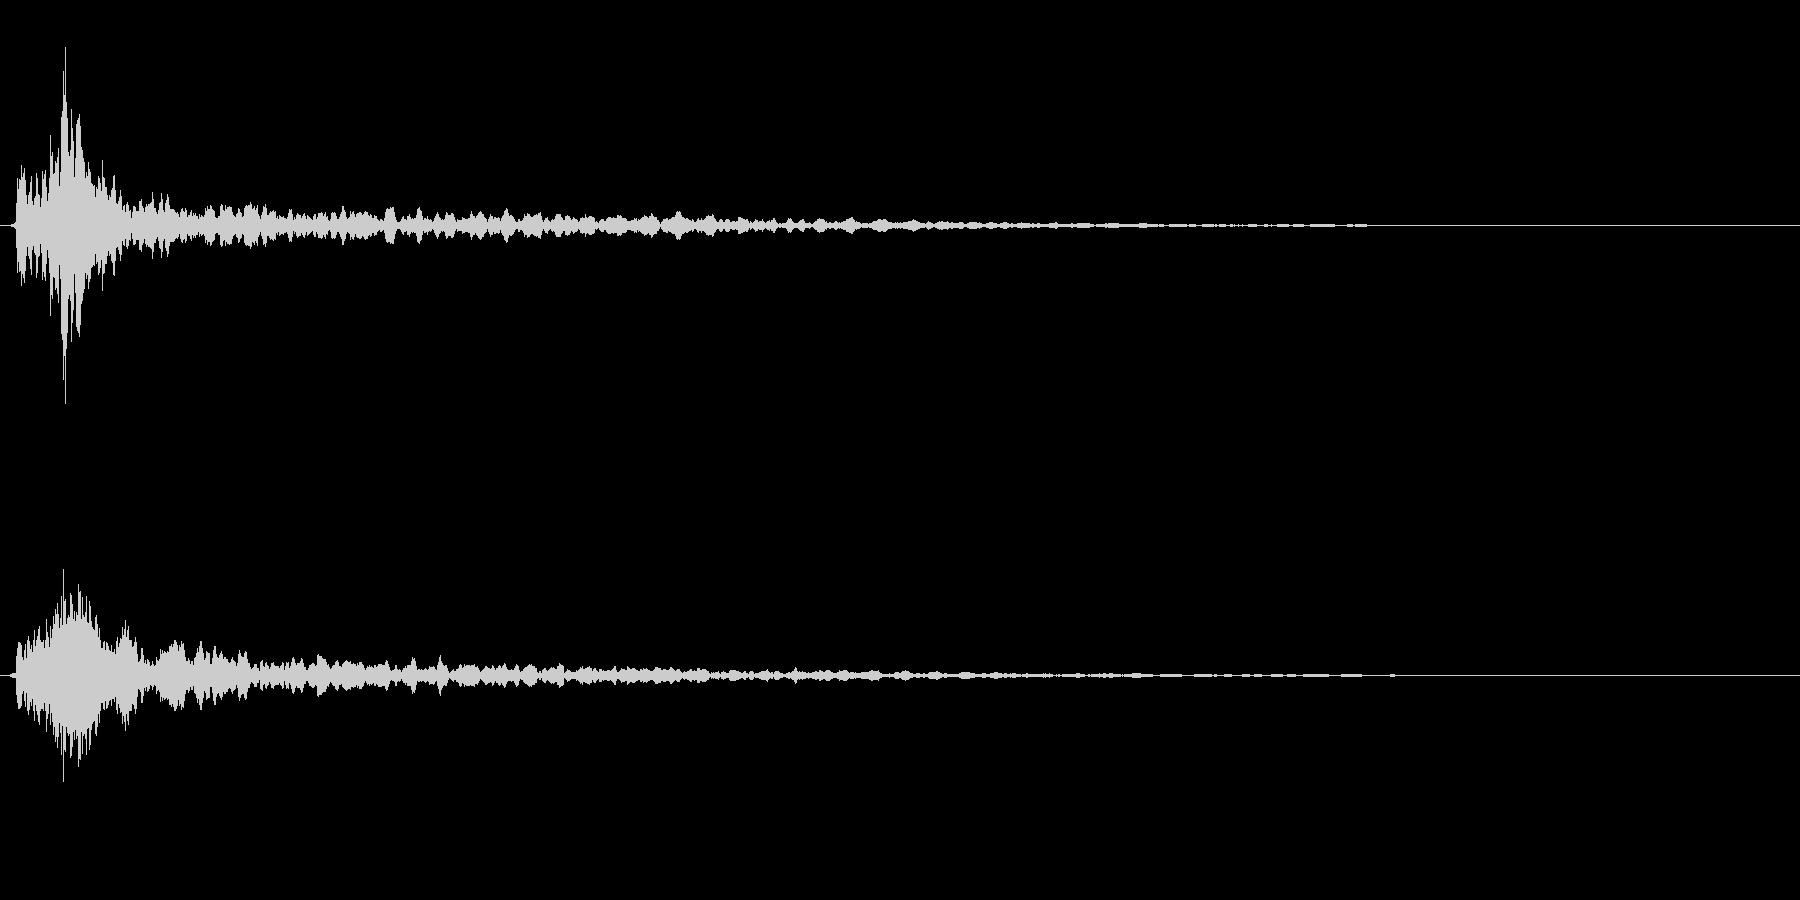 サスペンスに最適!ピアノの弦を弄ぶ音29の未再生の波形